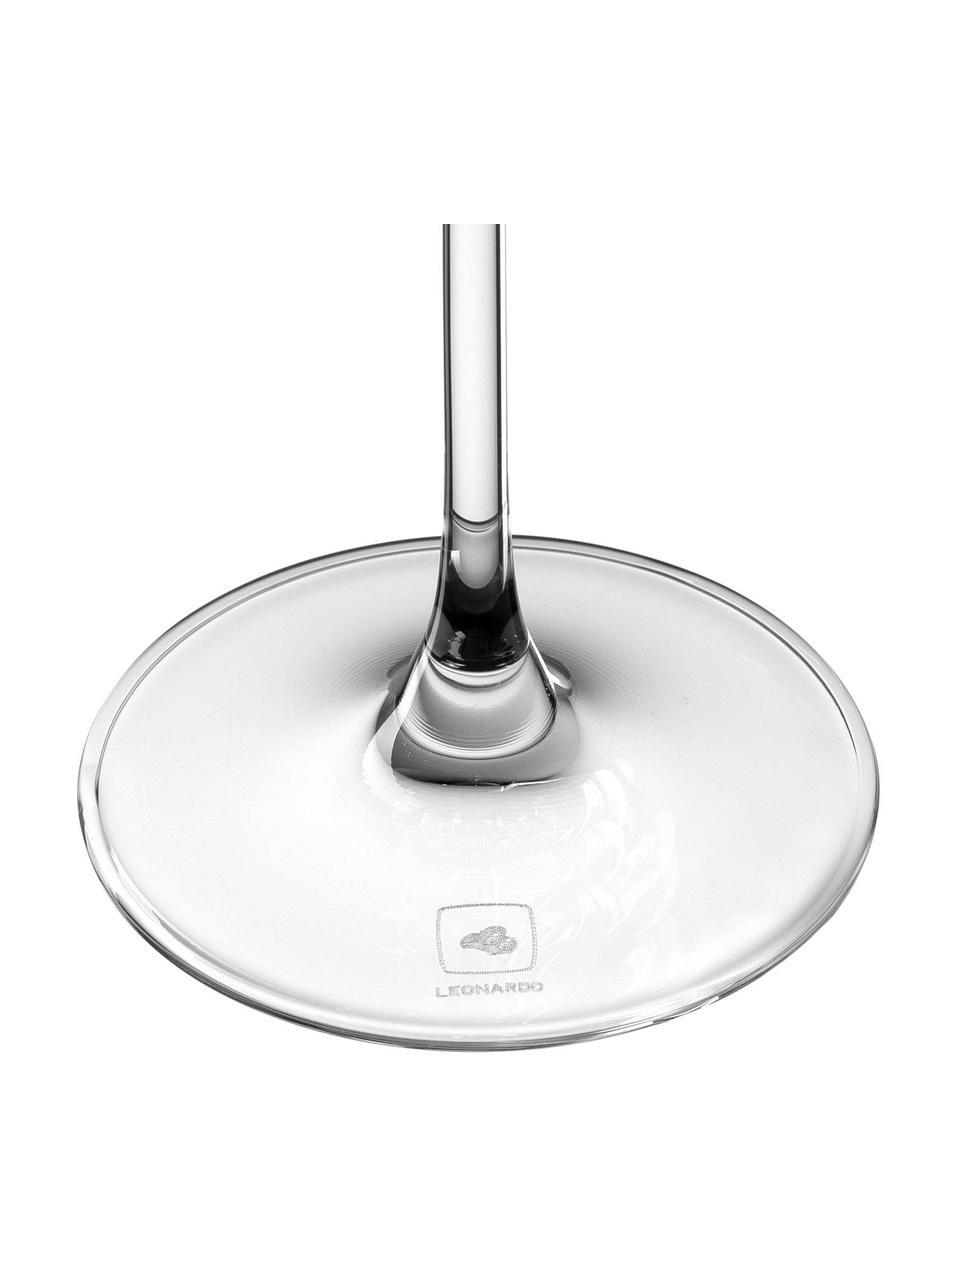 Witte wijnglazen Puccini, 6 stuks, Teqton®-glas, Transparant, Ø 10 x H 24 cm